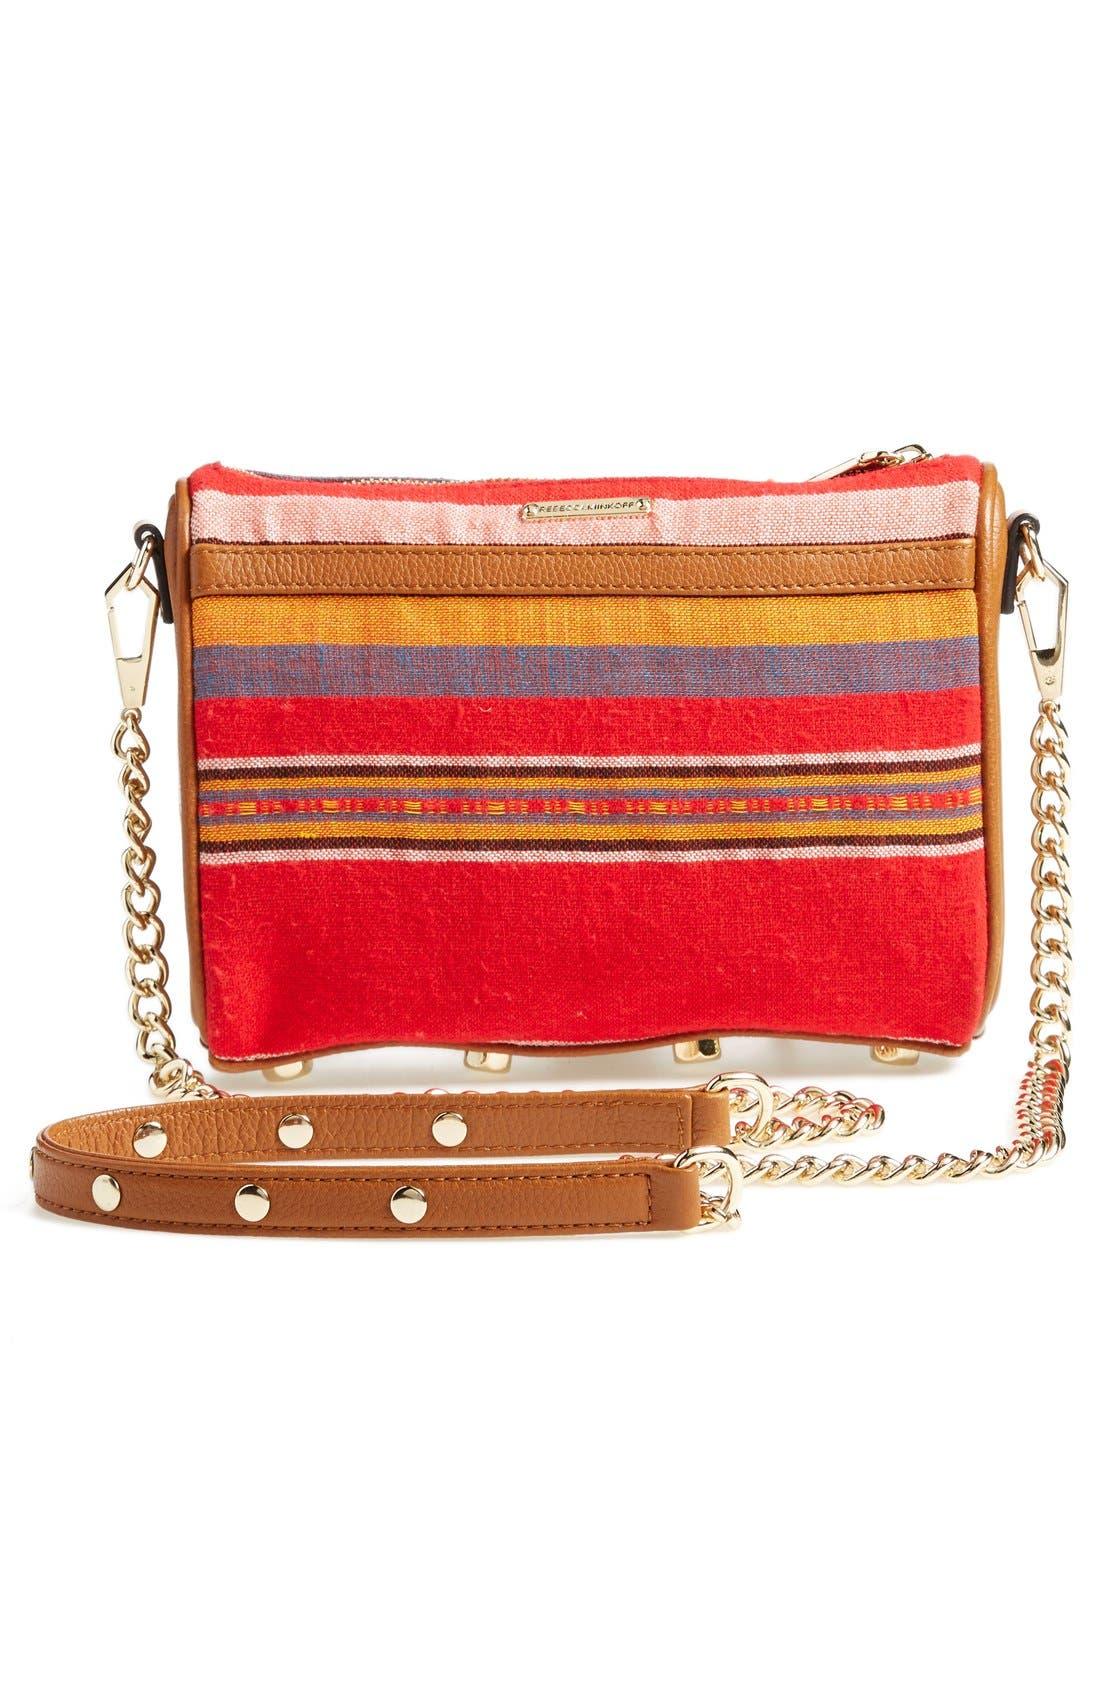 Piece & Co. and Rebecca Minkoff 'Mini MAC' Convertible Crossbody Bag,                             Alternate thumbnail 3, color,                             Orange Multi